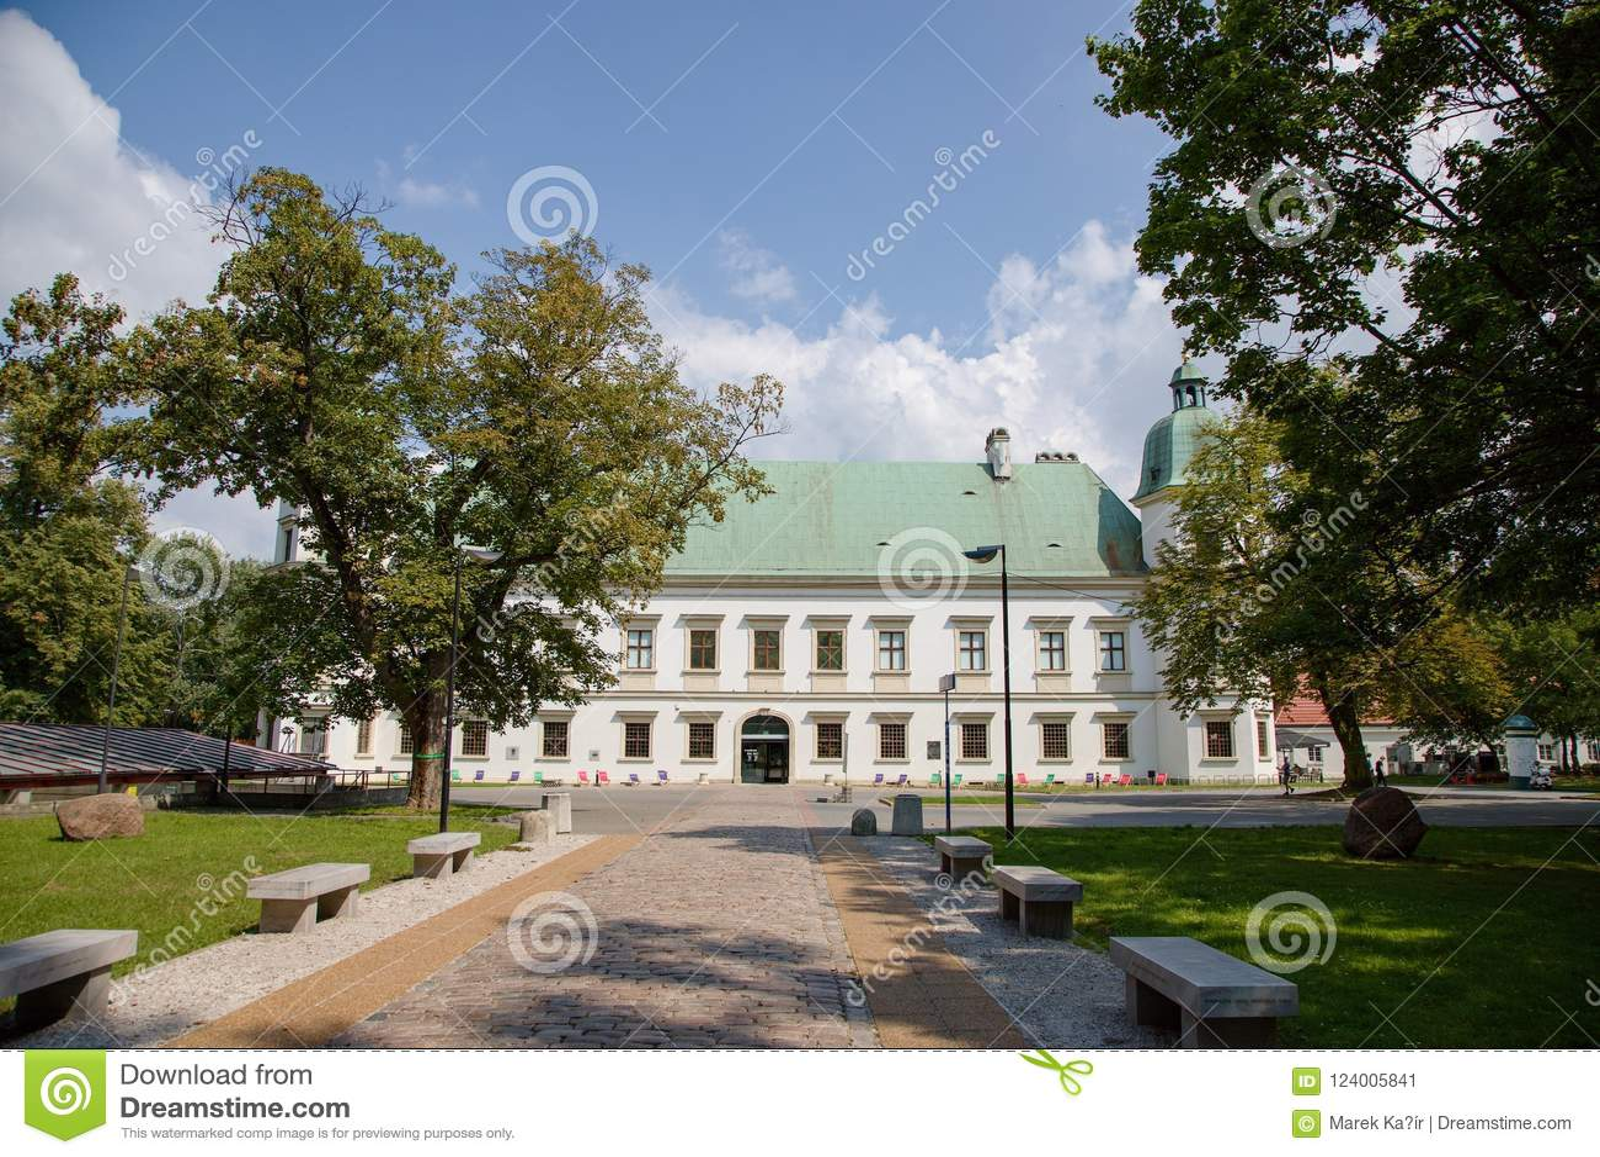 Ujazdó w kasteel in Warshau in Polen, Europa